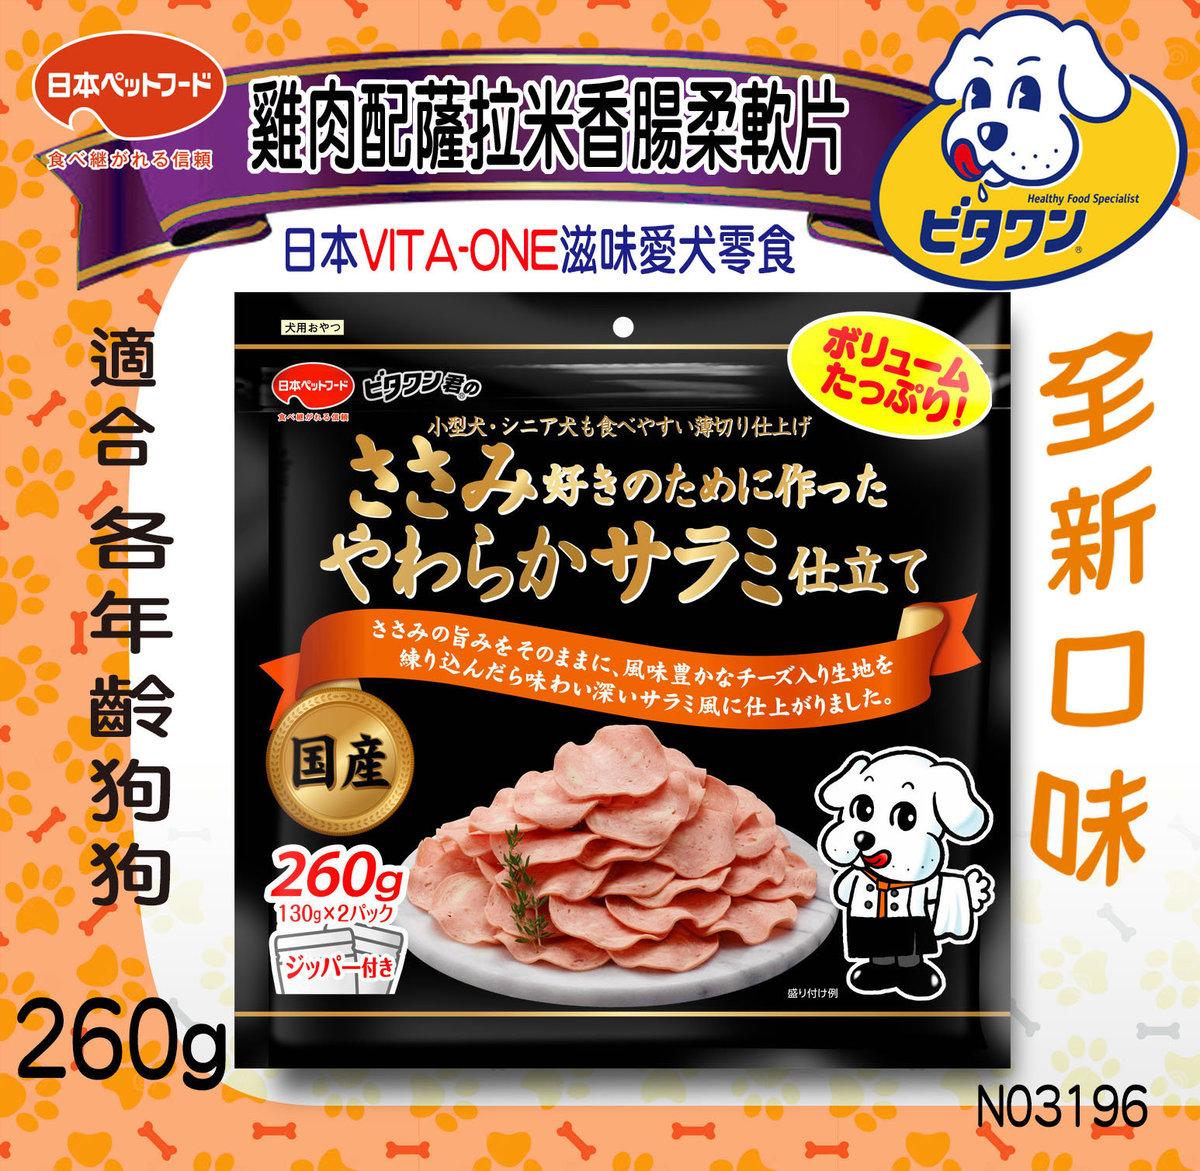 VITA-ONE Snack Moist Salami, Chicken 260g